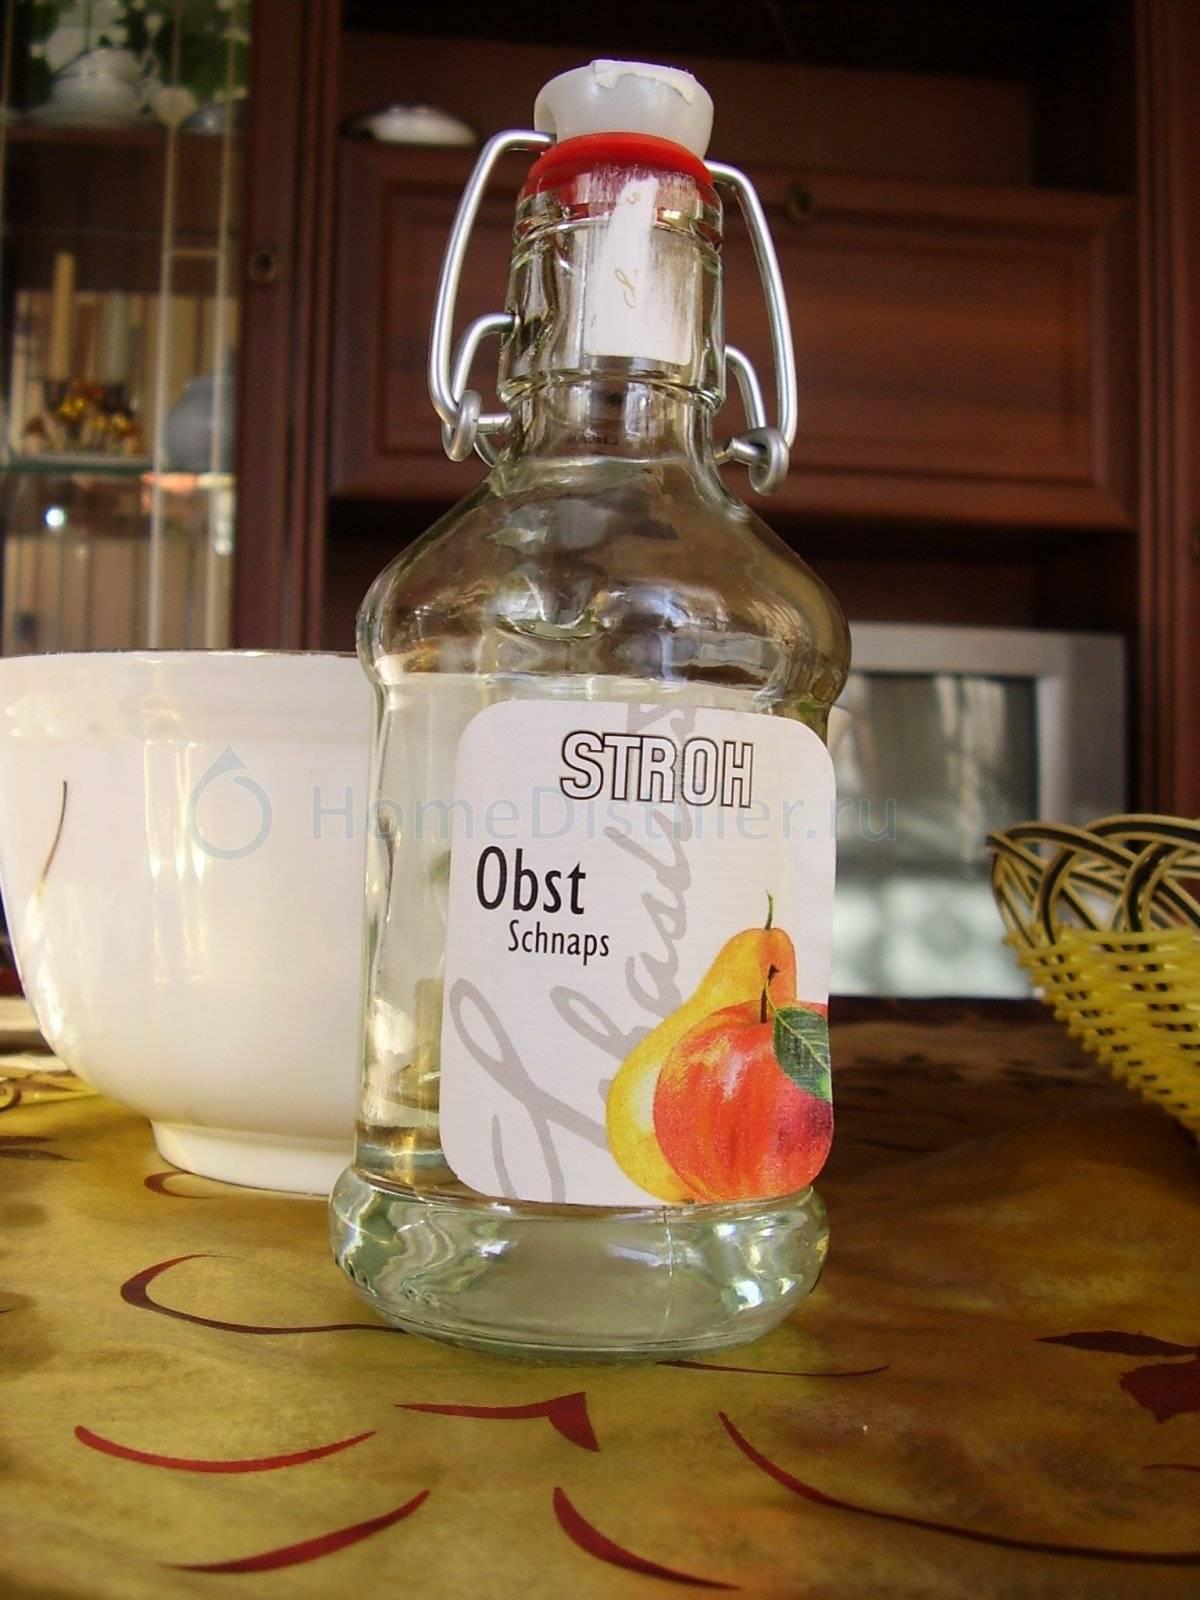 Шнапс: что это, виды, как правильно пить, рецепт домашнего шнапса